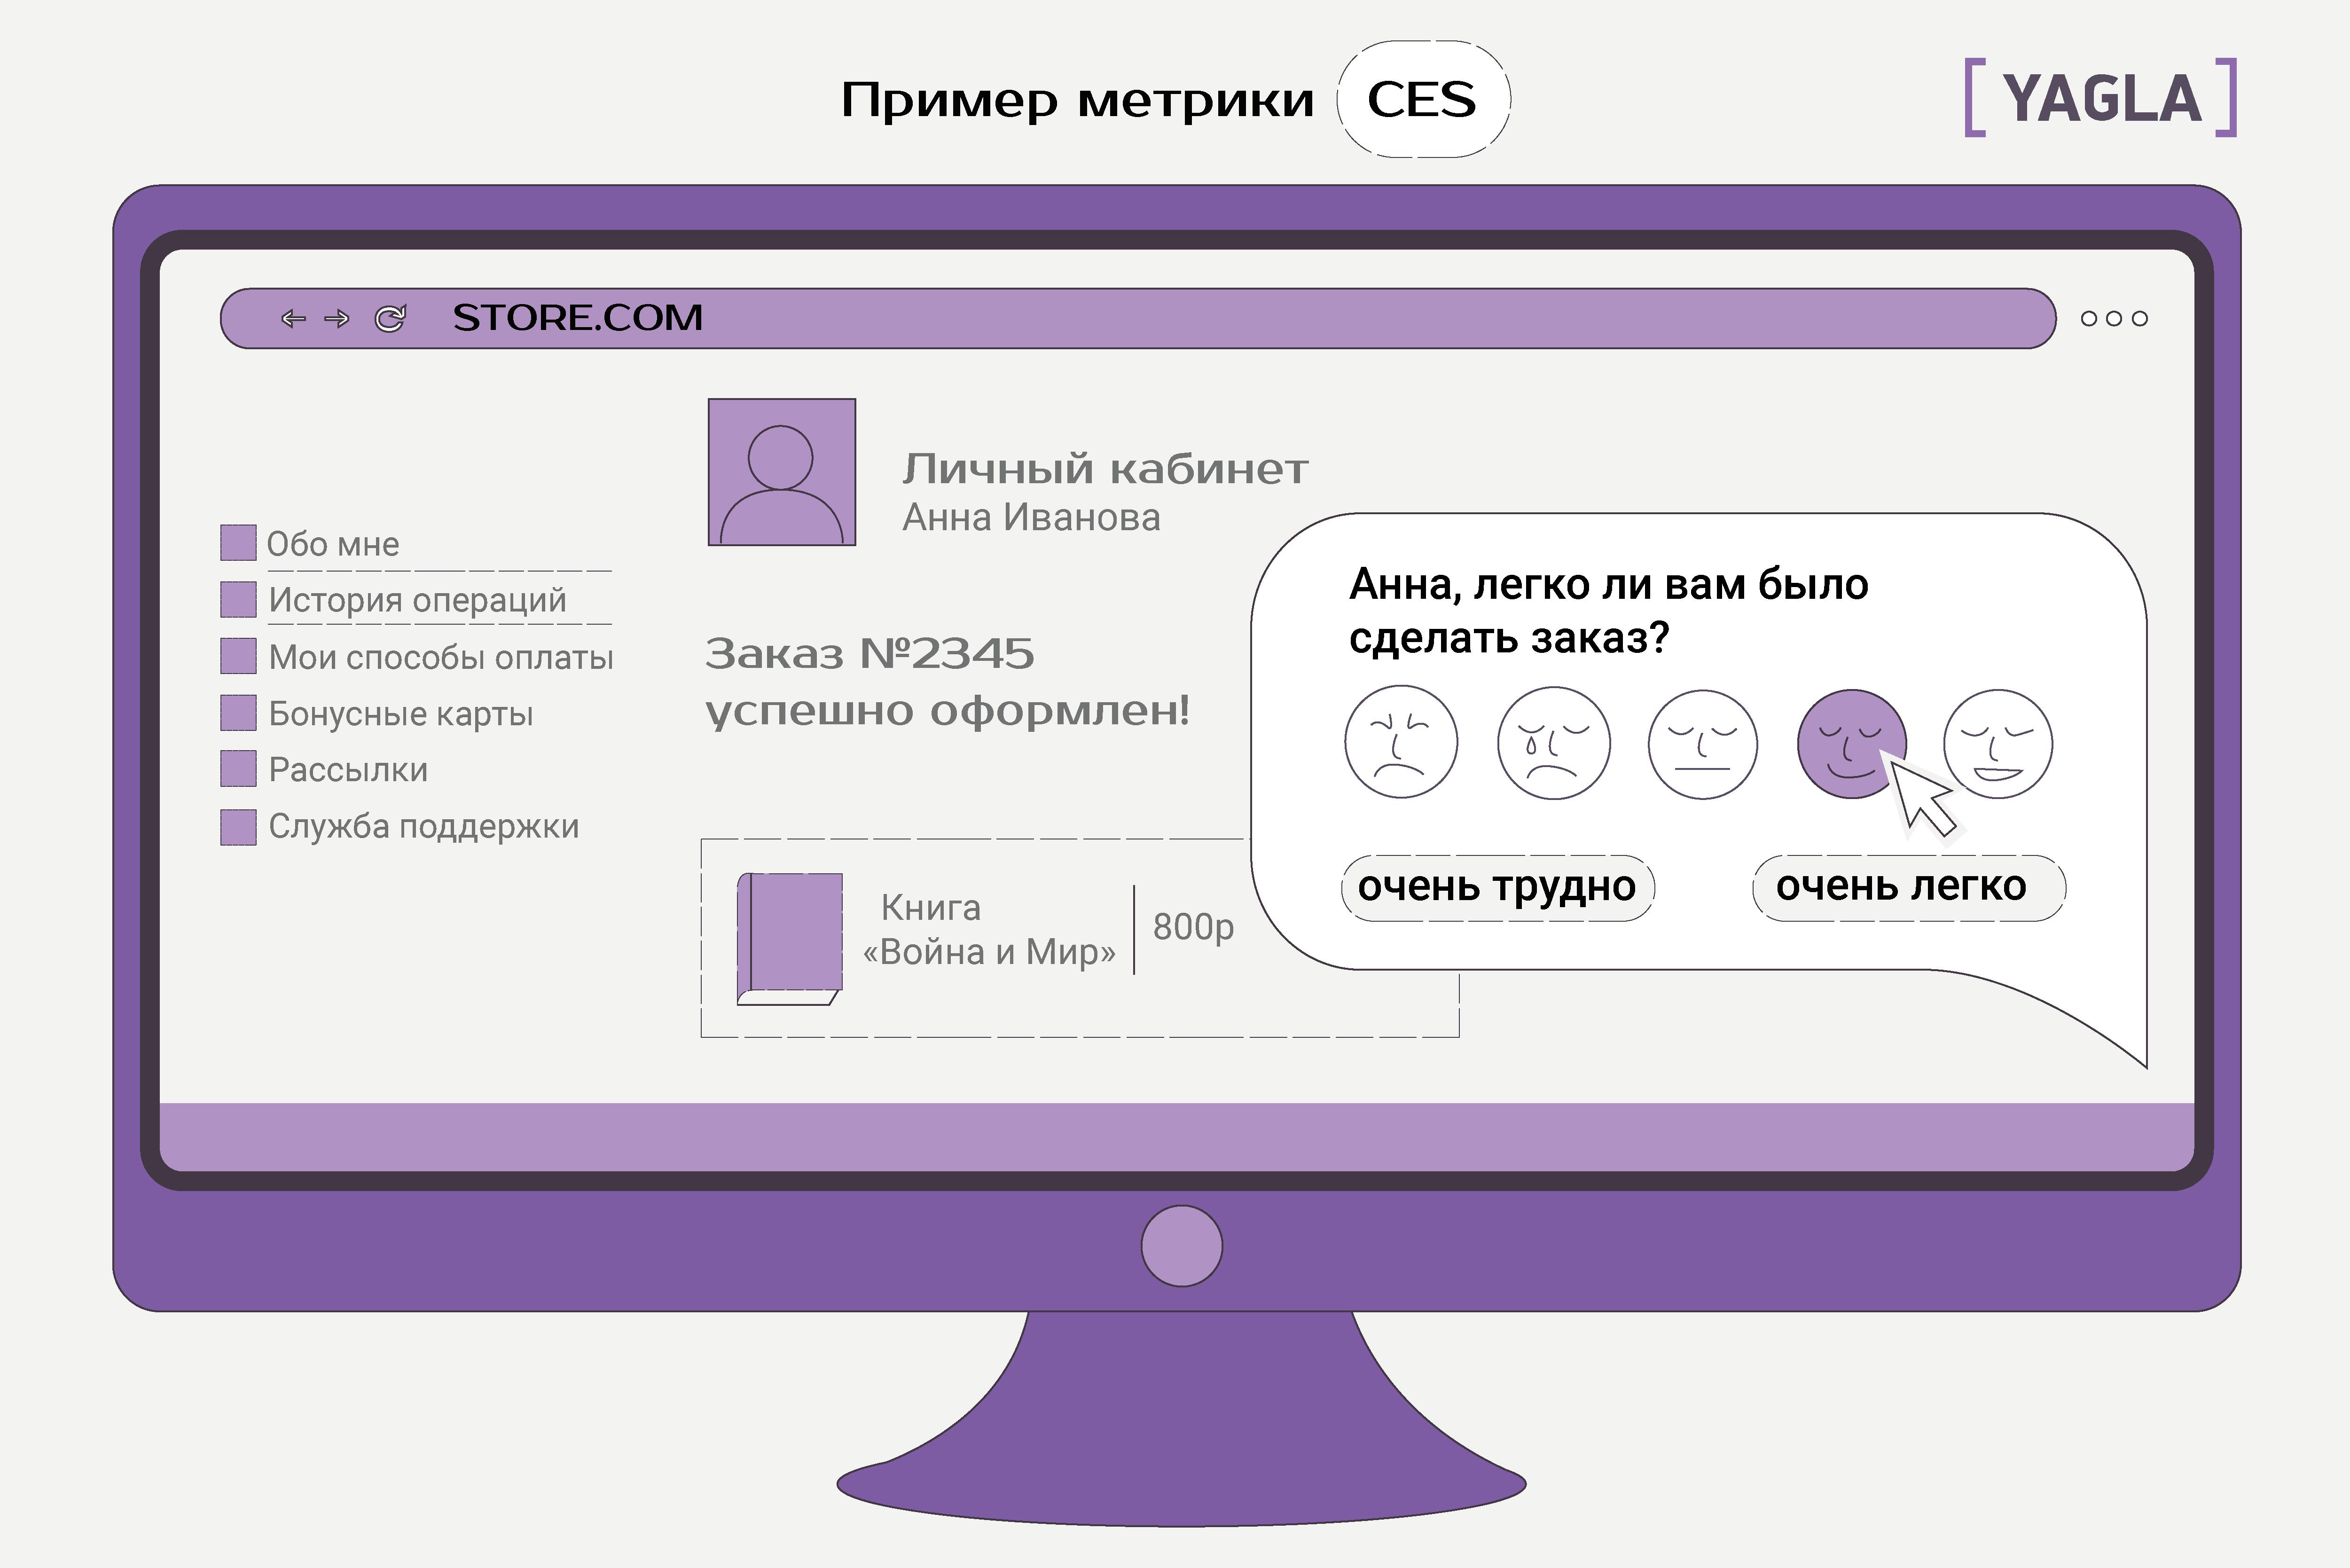 Пример метрики CES